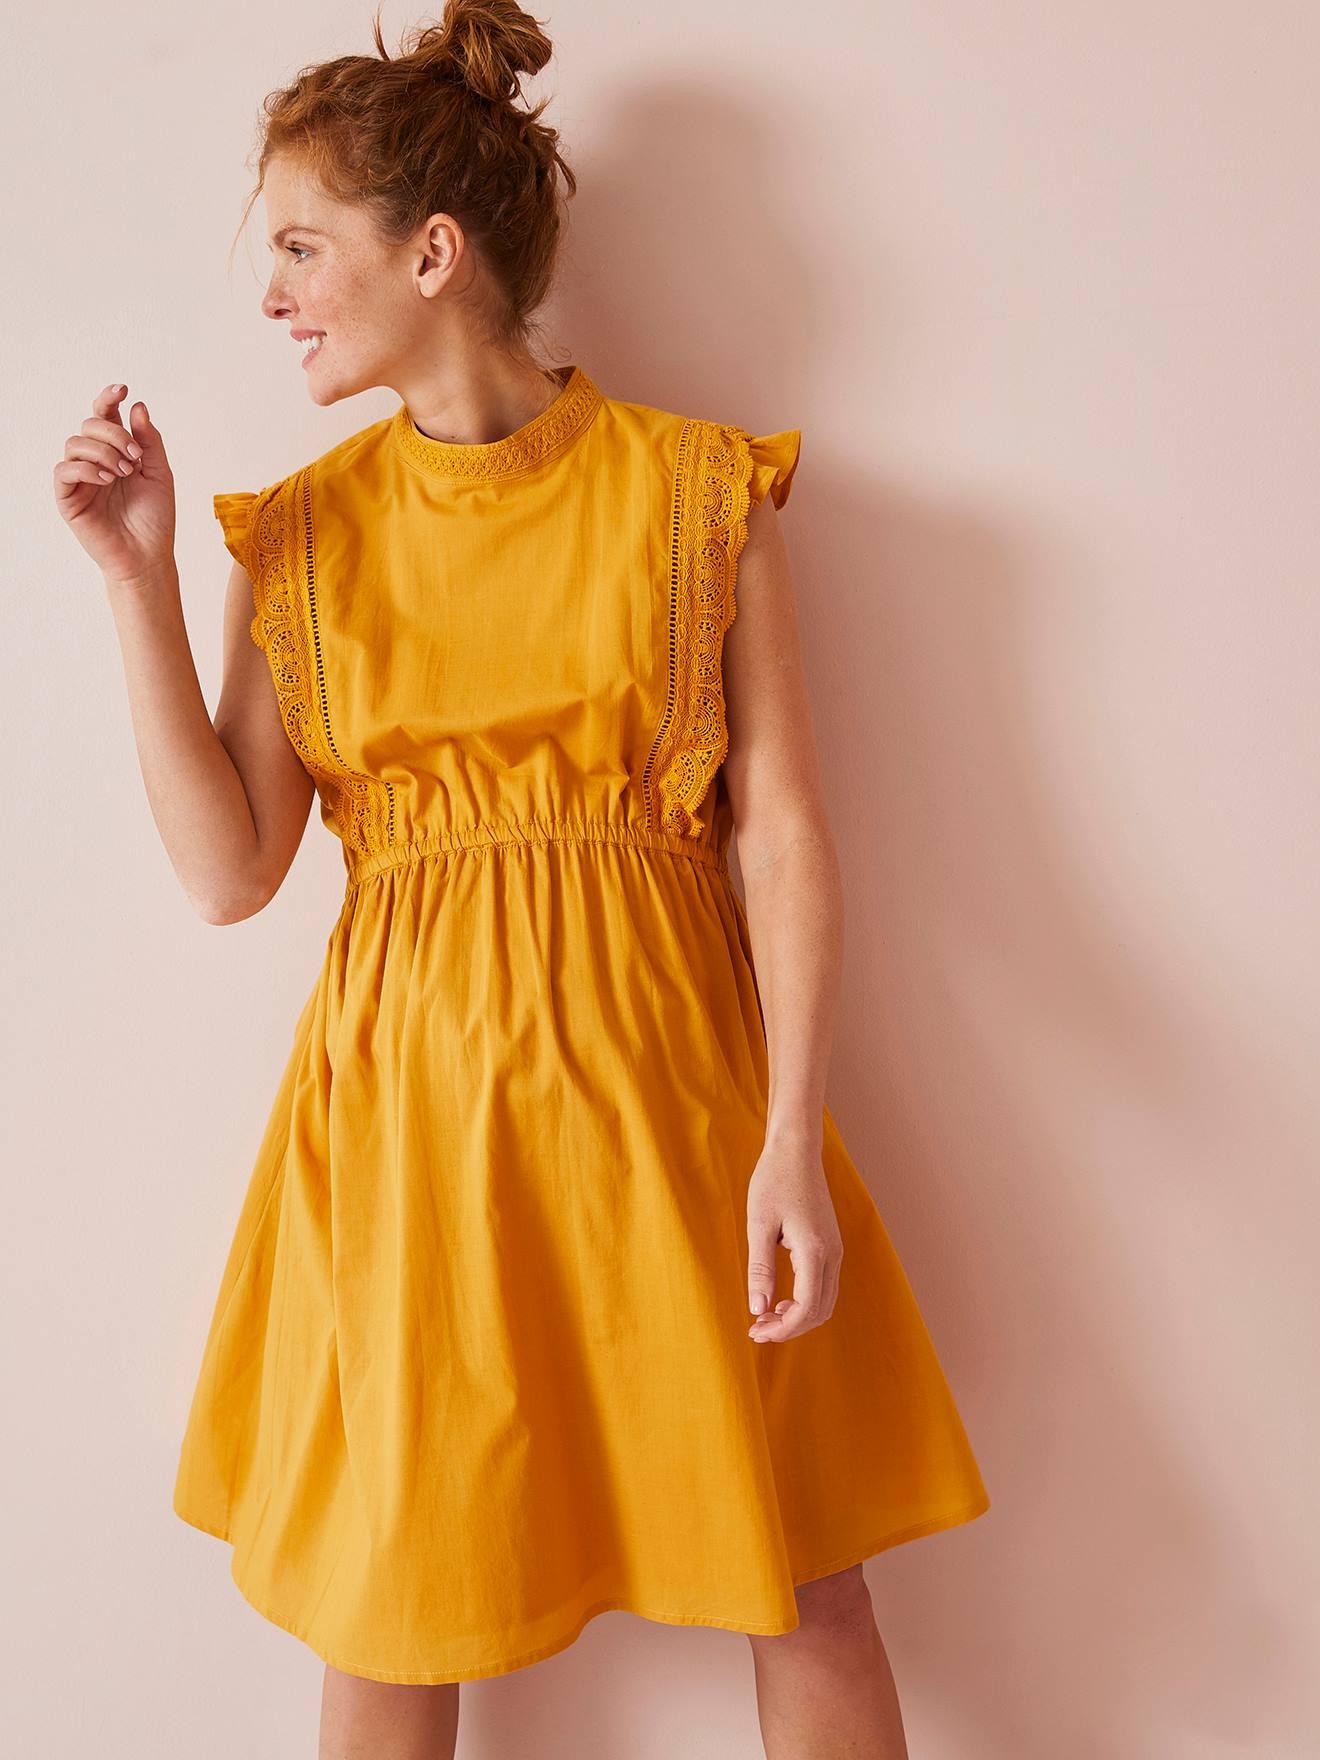 Vestido com gola subida e macramé, para grávida amarelo escuro liso com motivo